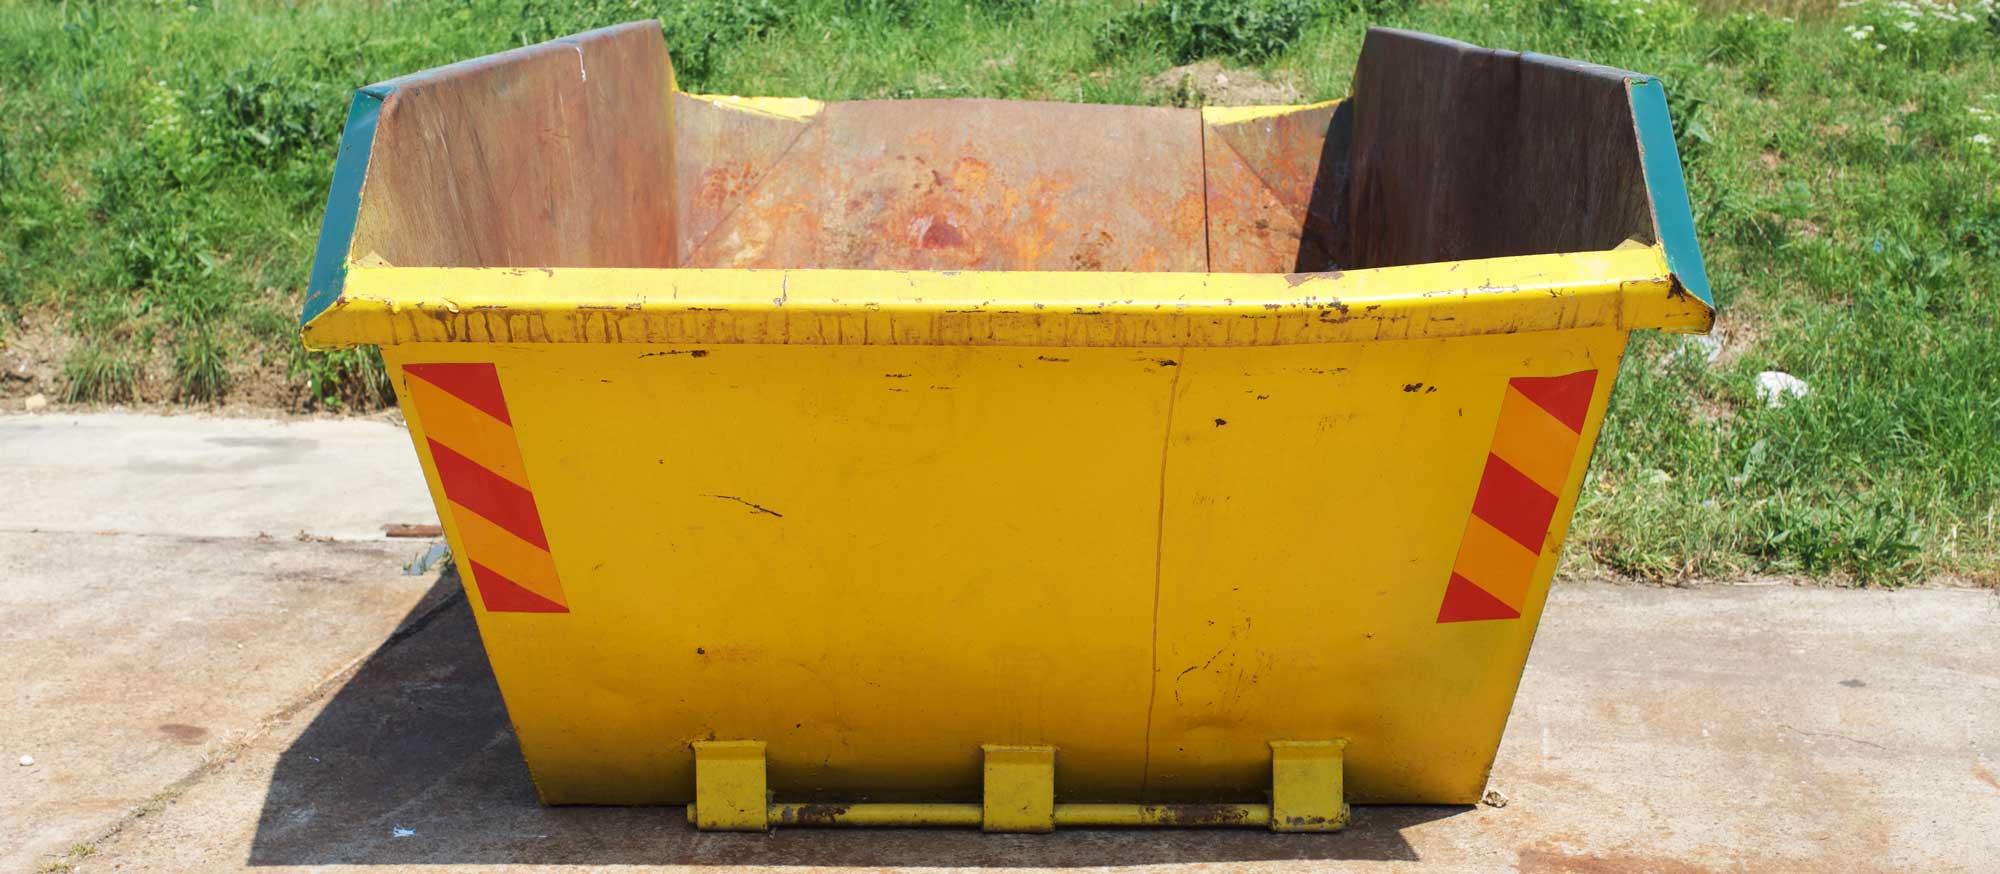 Yellow builders skip